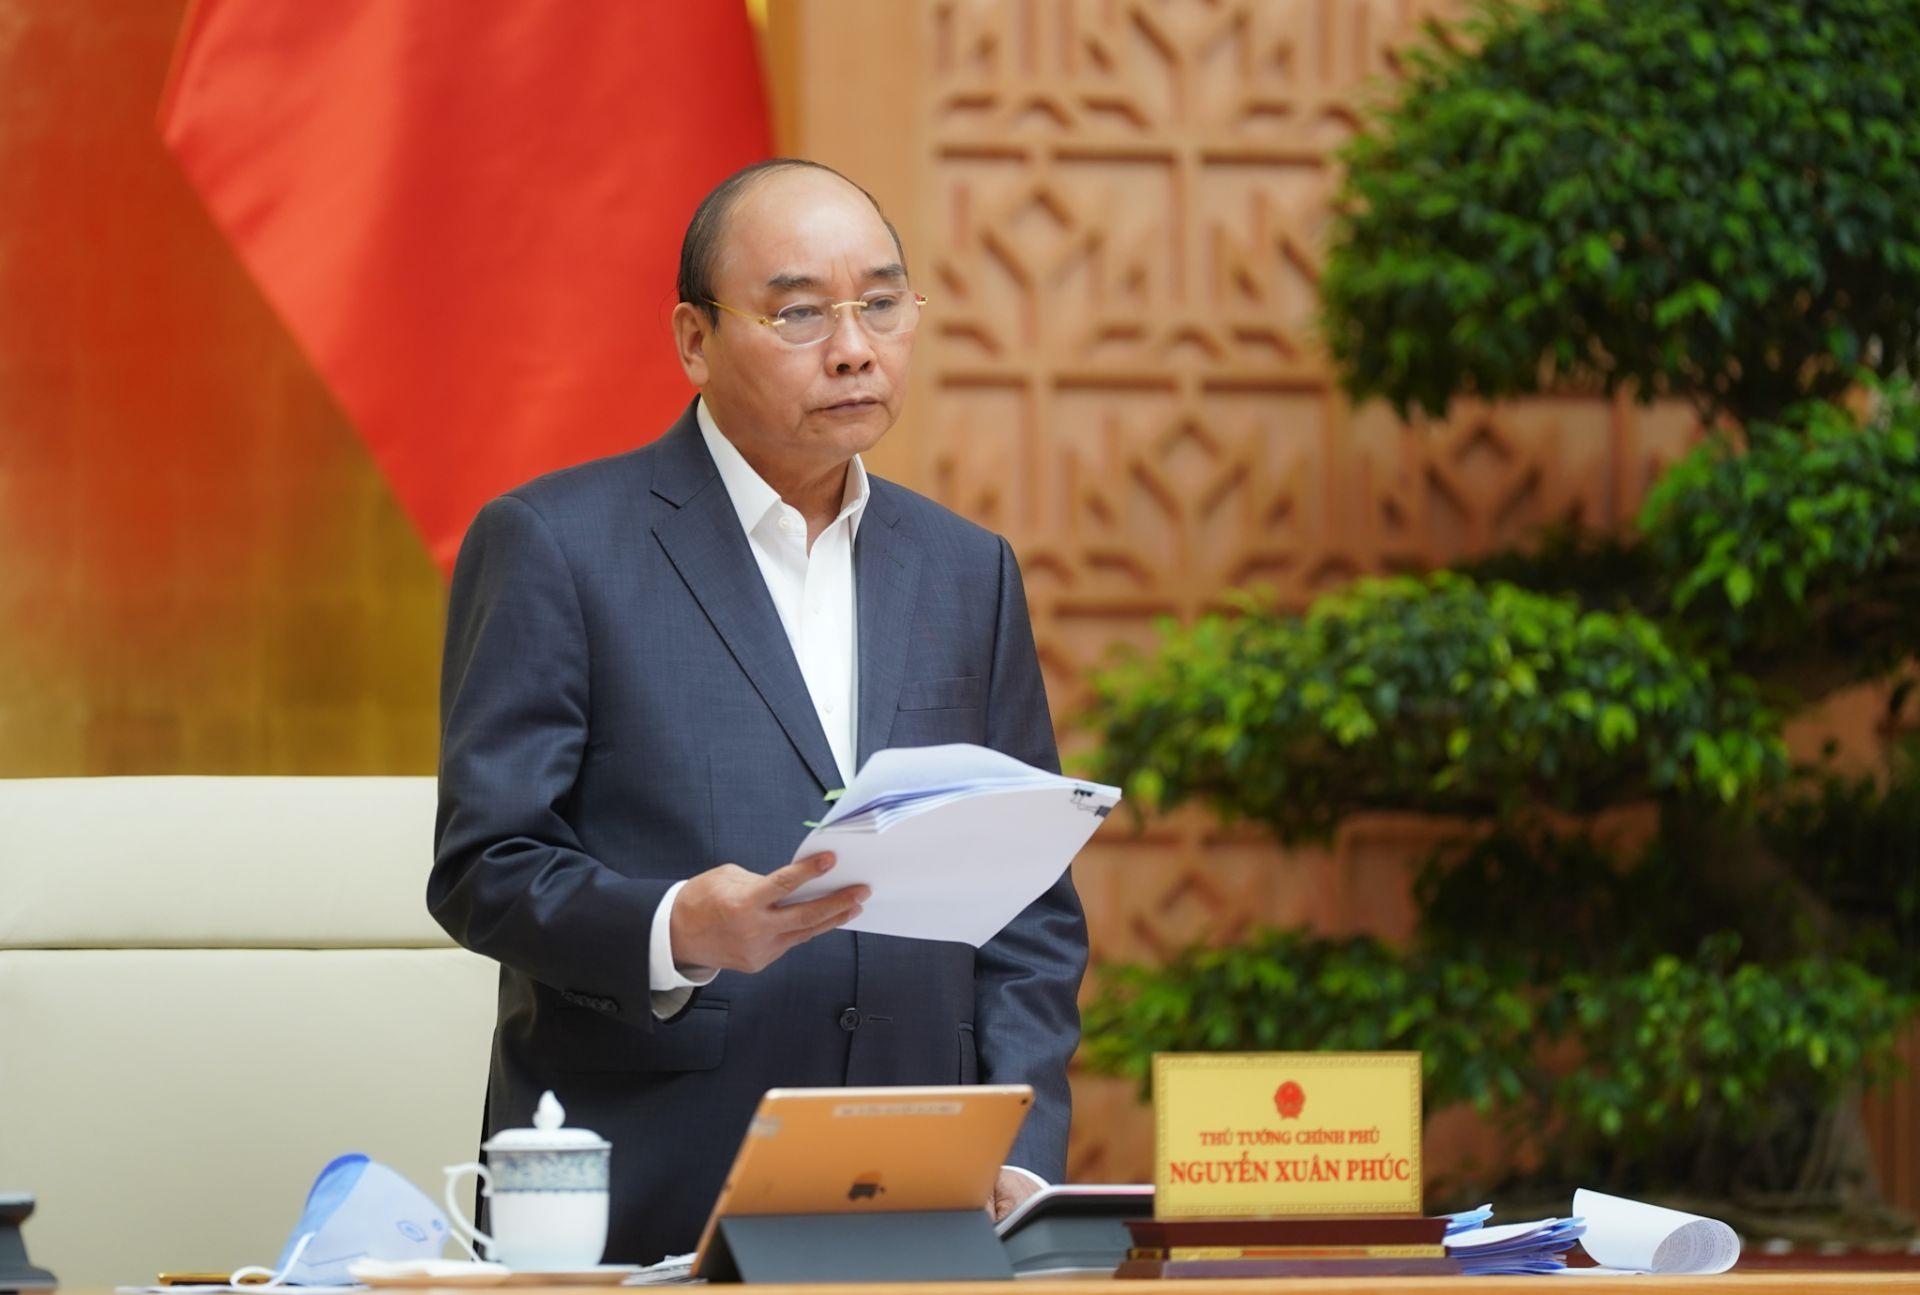 Thủ tướng: Thực hiện nghiêm việc cách ly xã hội theo đúng yêu cầu của Chỉ thị số 16/CT-TTg.